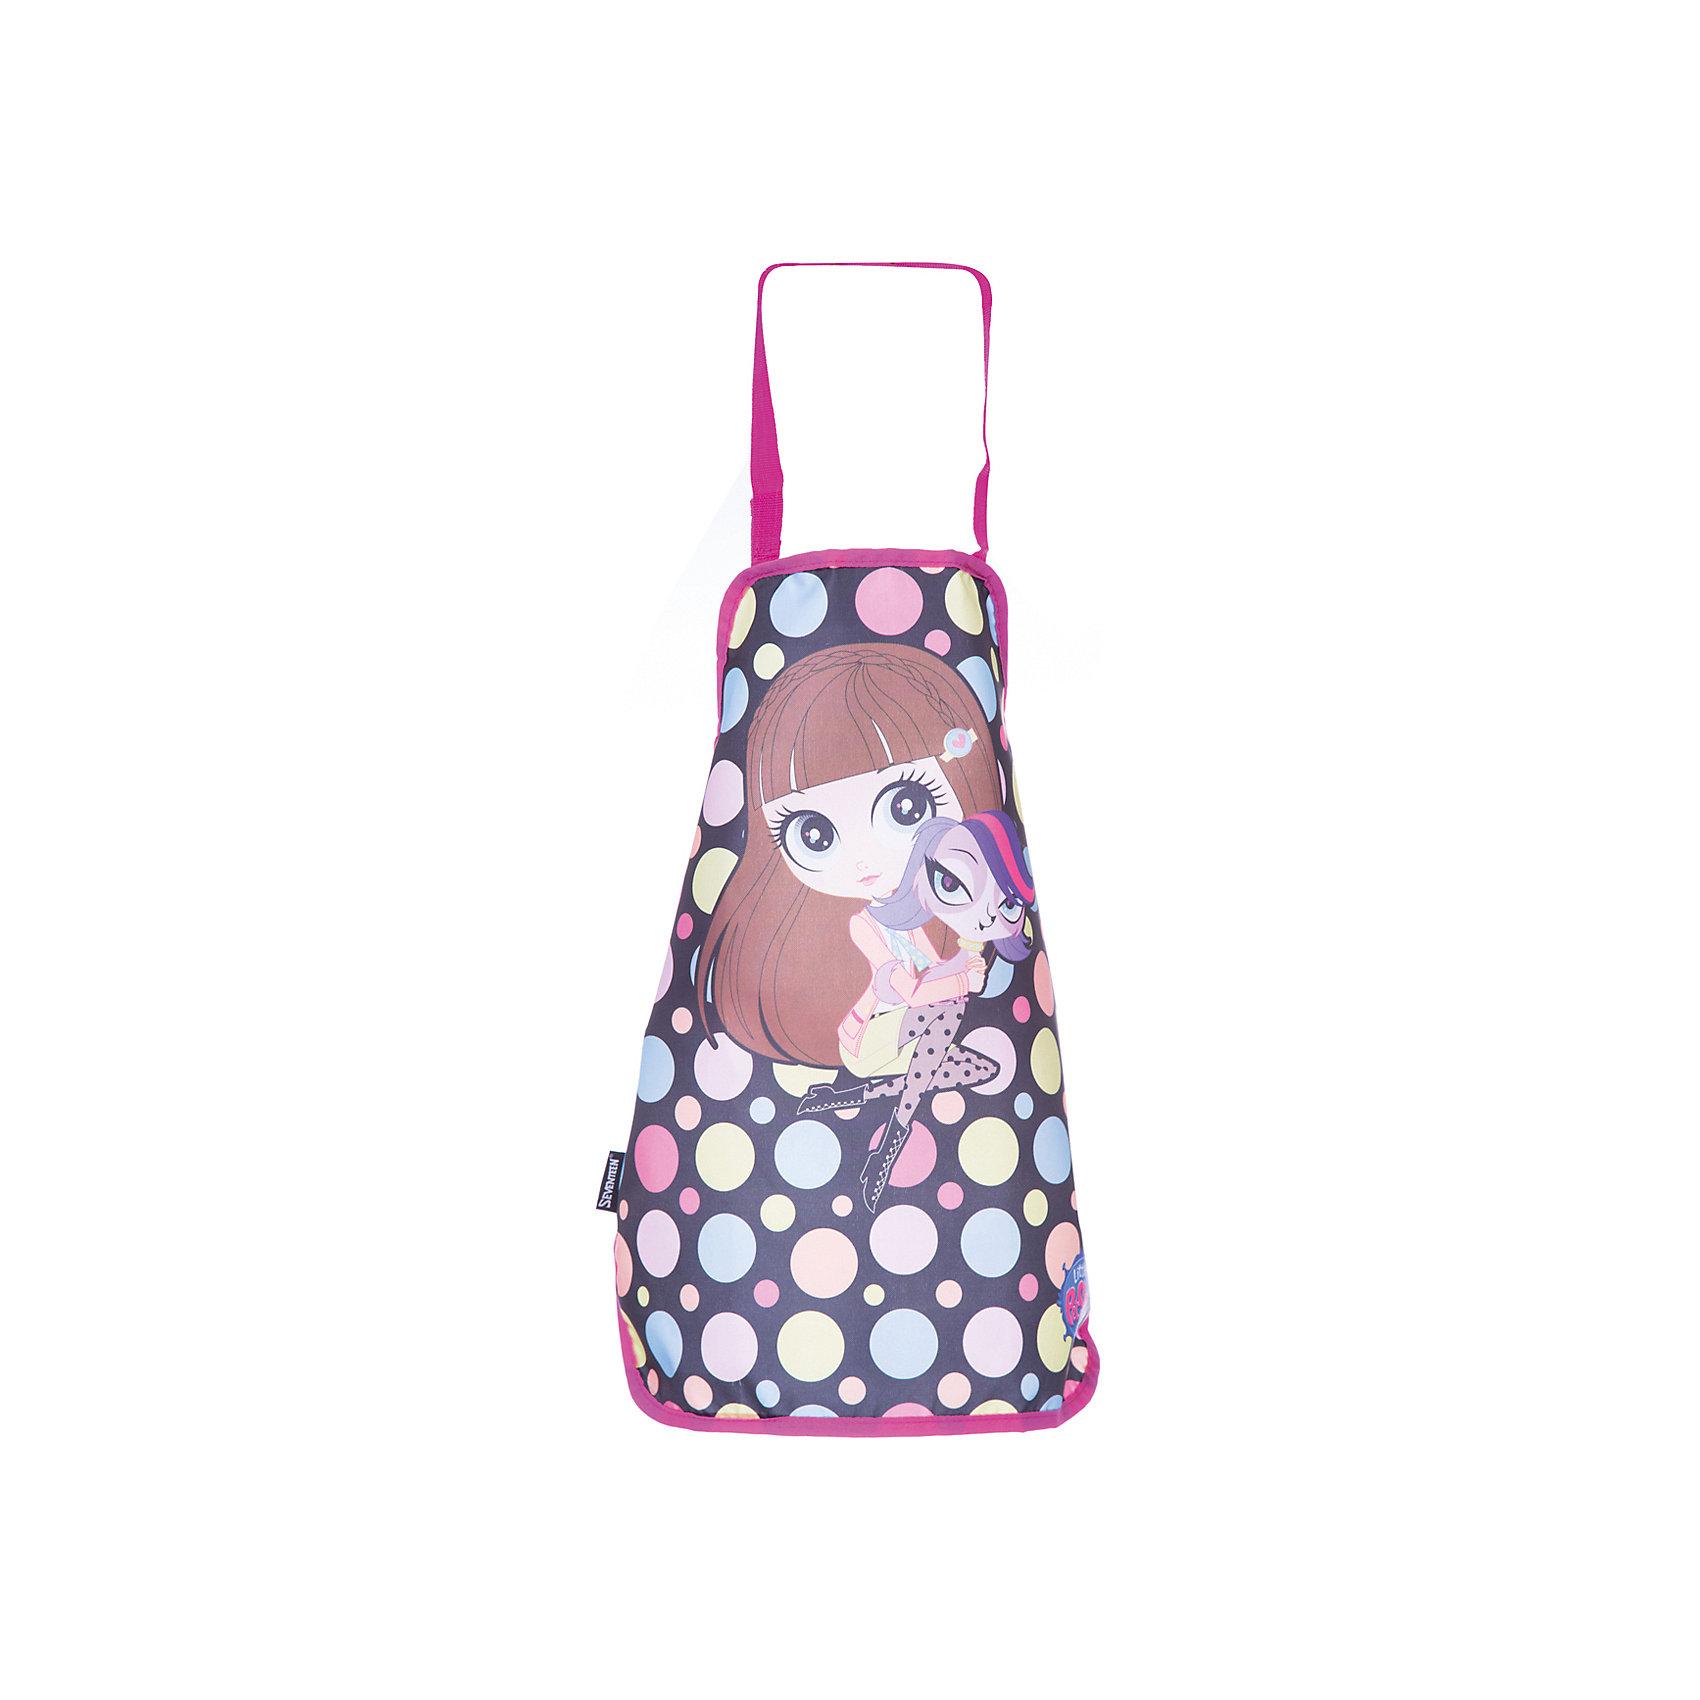 Фартук Littlest Pet ShopФартук для труда надежно защитит Вашего ребенка от различных пятен и загрязнений при занятиях творчеством. С фартуком ваш малыш сможет без опасений заниматься любимым делом. Он изготовлен из водостойкого материала. Его можно зафиксировать на талии и на шее с помощью специальных ремней. Ремень, предназначенный для фиксации на шее, имеет металлические приспособления для регулировки длины.<br><br>Дополнительная информация:<br><br>Размер: 51 х 44 см.<br>Размер упаковки: 27 х 16,5 х 0,5 см.<br>Фартук детский из водостойкого материала.<br><br>Фартук Littlest Pet Shop (Маленький зоомагазин) можно купить в нашем магазине.<br><br>Ширина мм: 270<br>Глубина мм: 165<br>Высота мм: 5<br>Вес г: 70<br>Возраст от месяцев: 48<br>Возраст до месяцев: 84<br>Пол: Женский<br>Возраст: Детский<br>SKU: 4140872